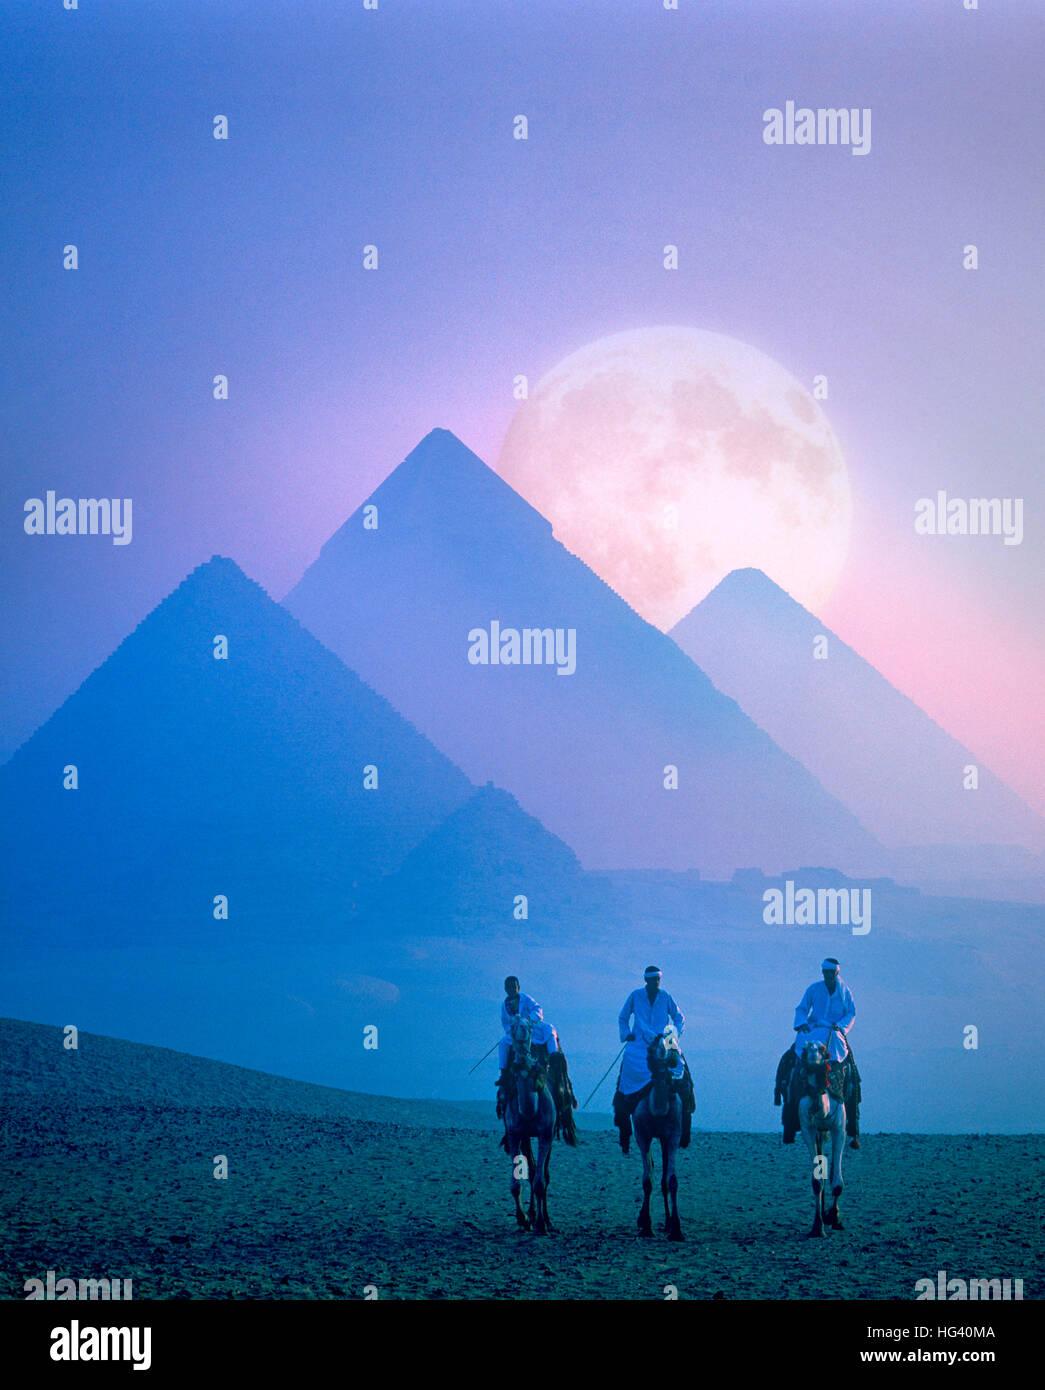 La luna piena sorge dietro le piramidi al tramonto, Giza, il Cairo, Egitto Immagini Stock